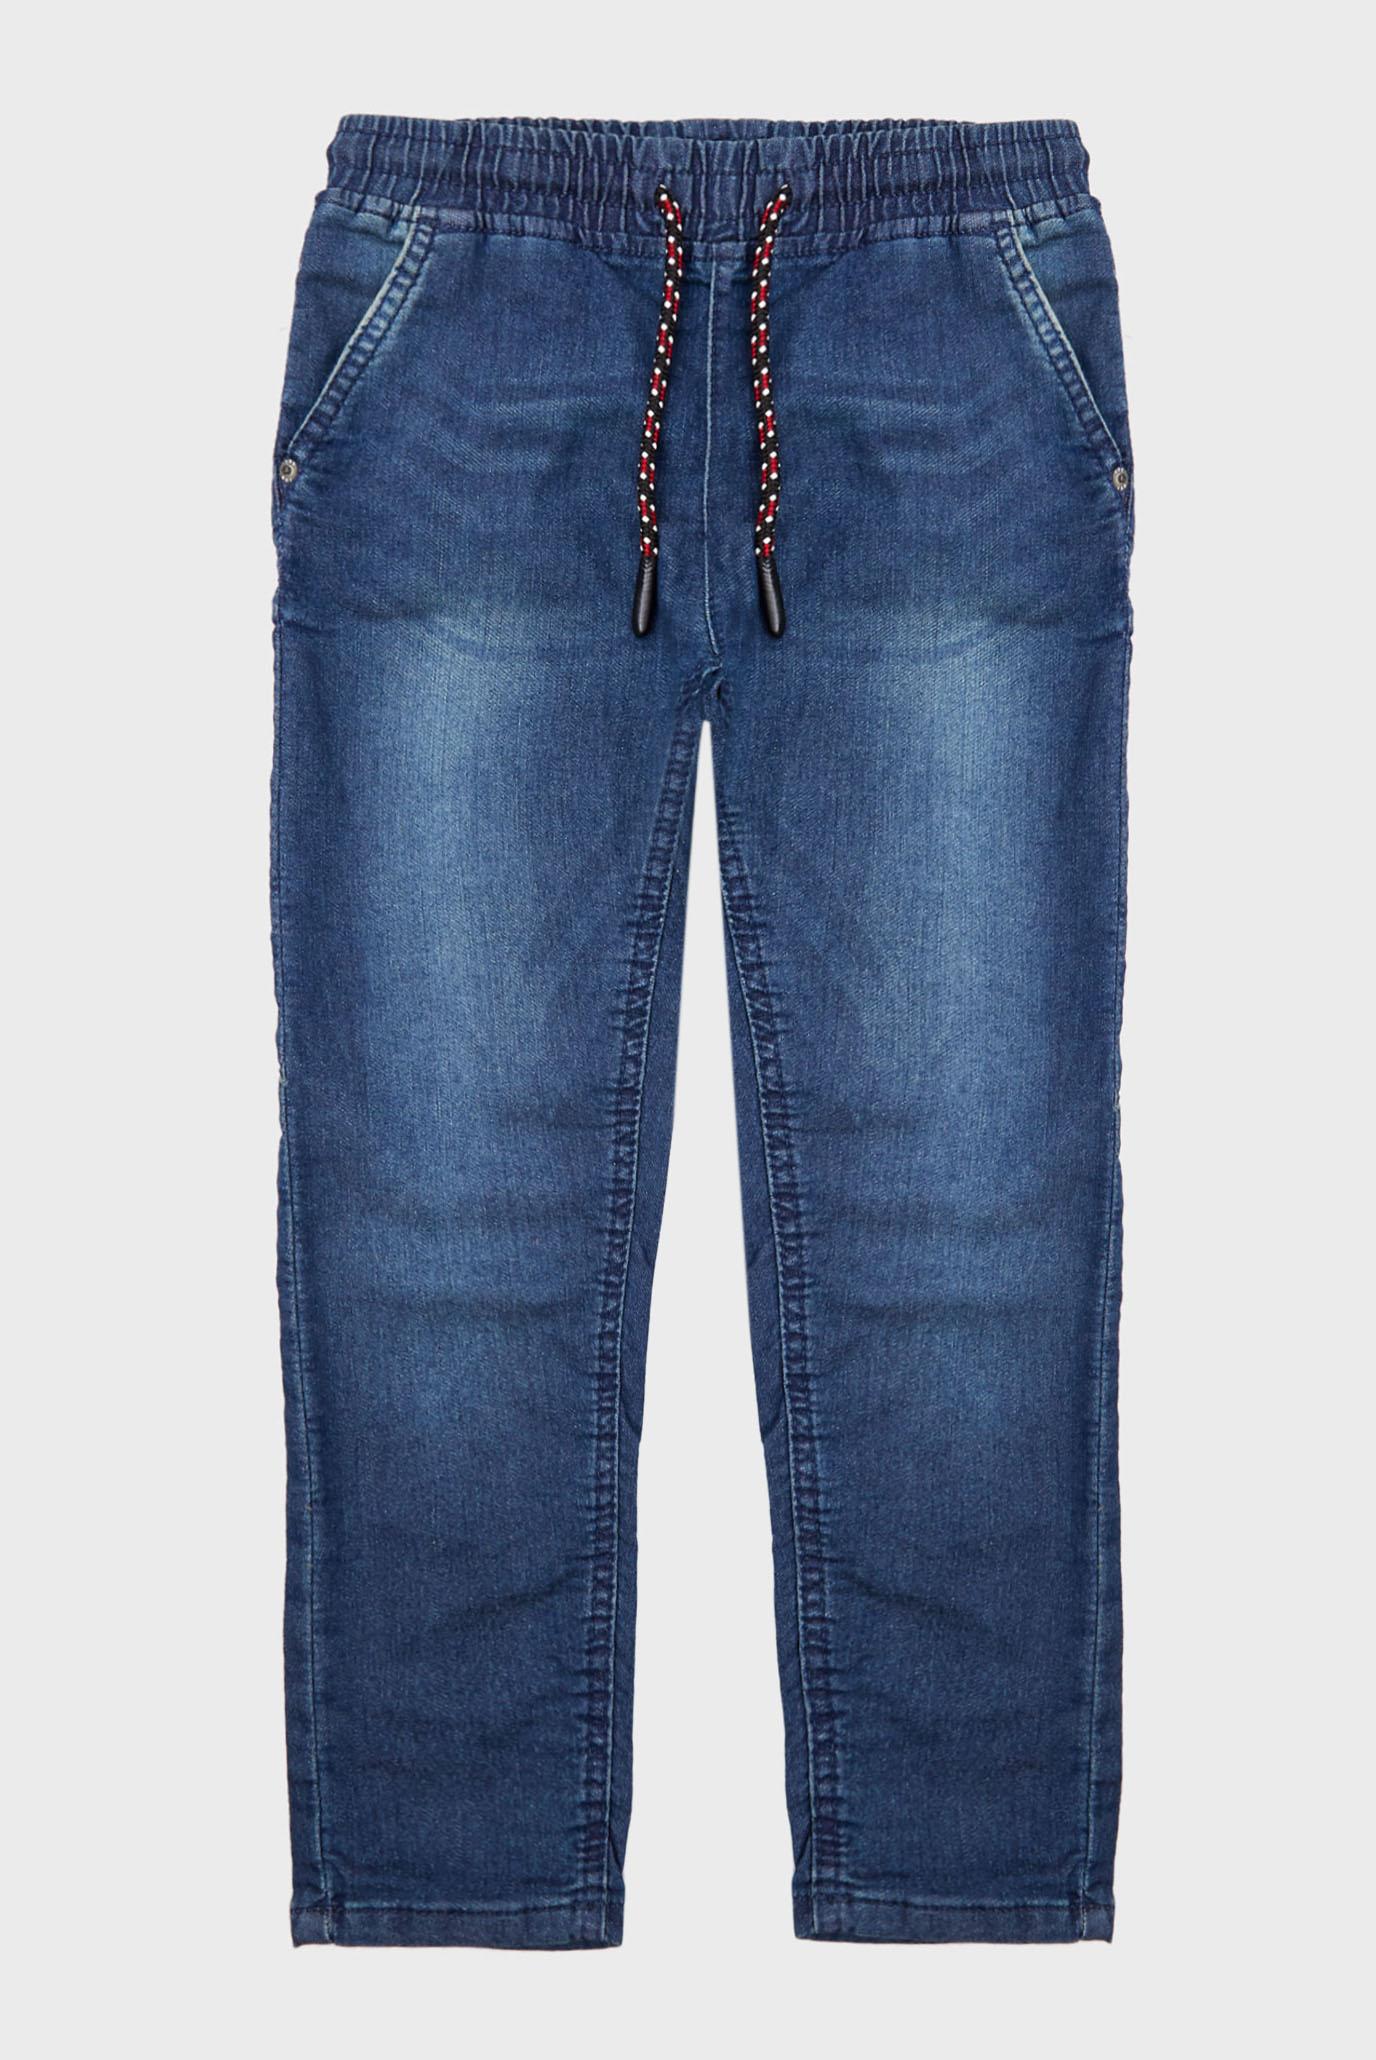 Детские синие джинсы Terranova Kids